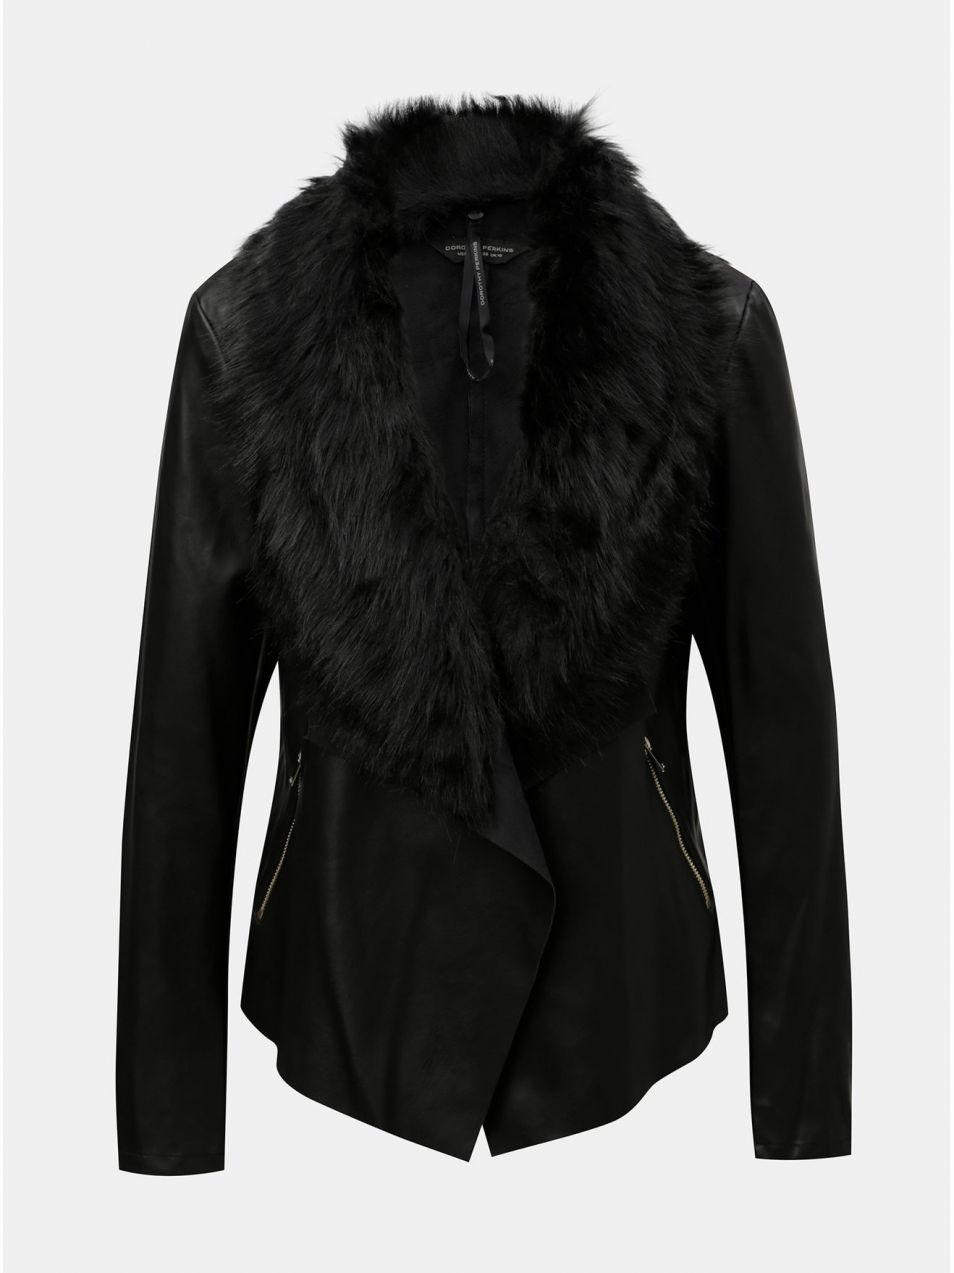 Čierna koženková bunda s odnímateľnou umelou kožušinkou Dorothy Perkins  značky Dorothy Perkins - Lovely.sk b7a3b3b0323